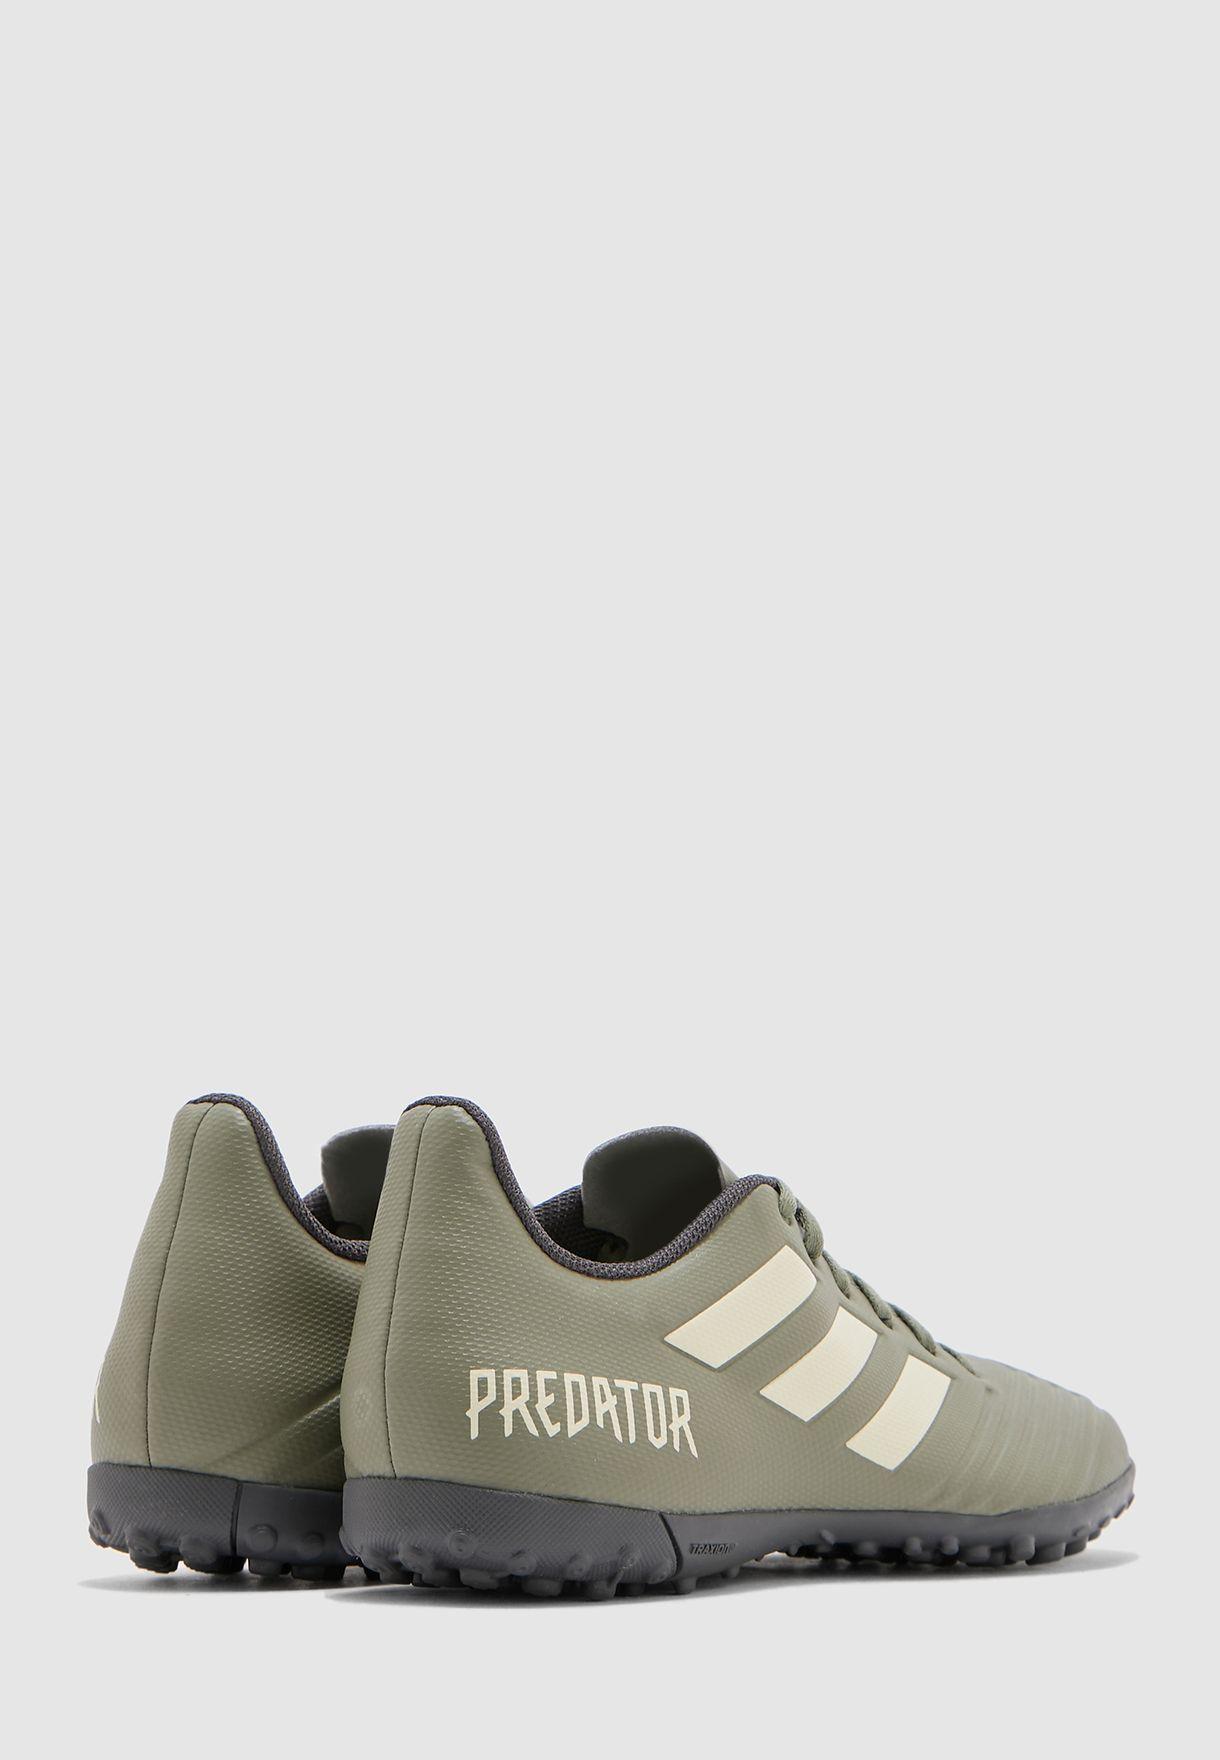 Predator 19.4 TF